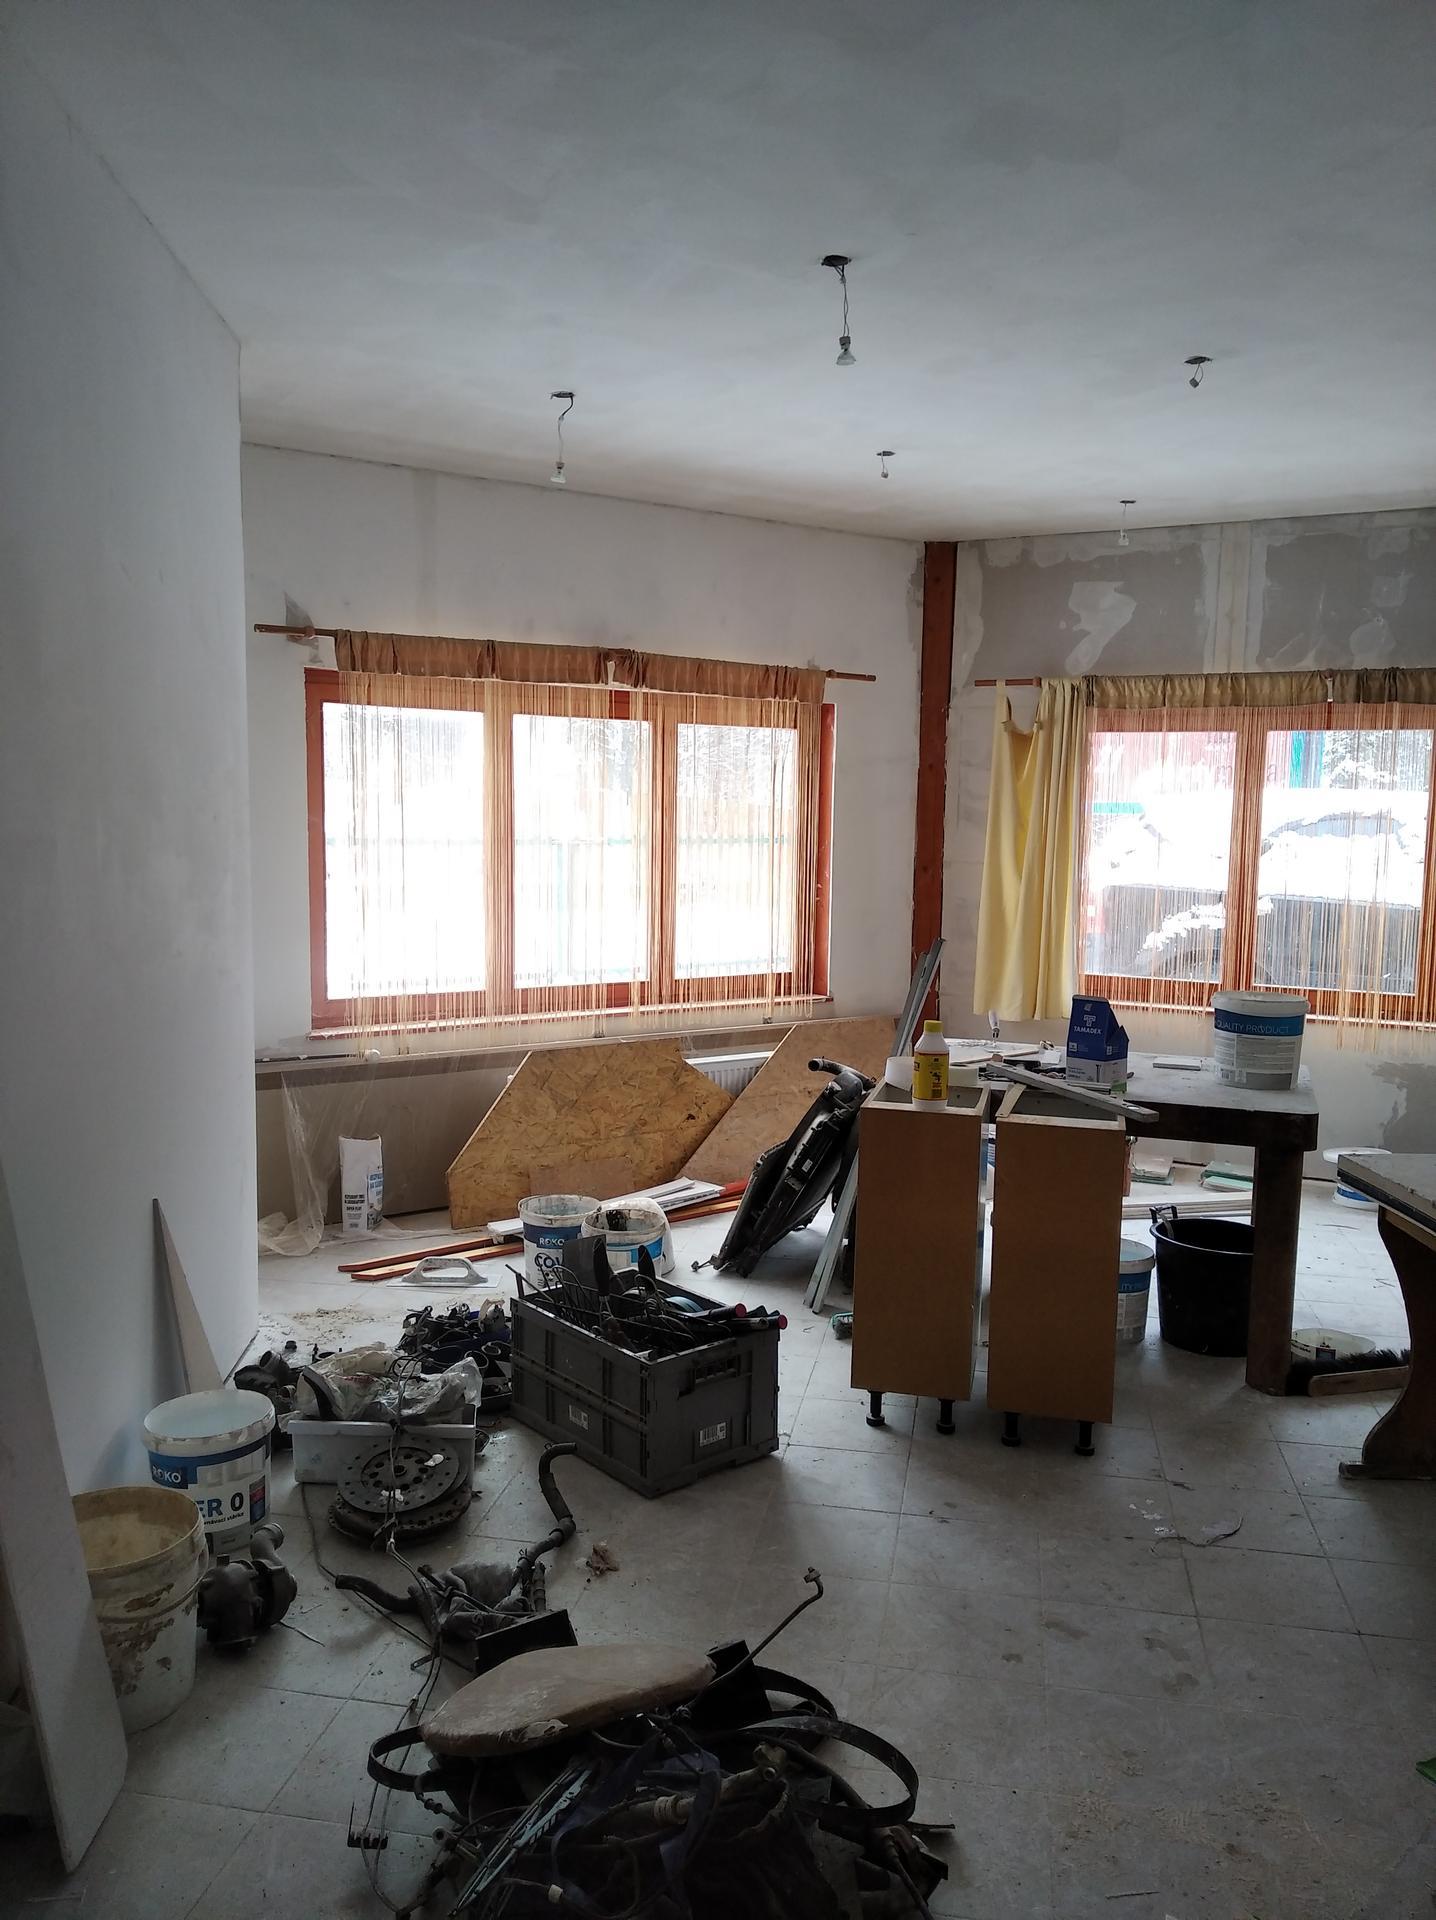 Přestavba hospůdky na bydlení - Obrázek č. 60